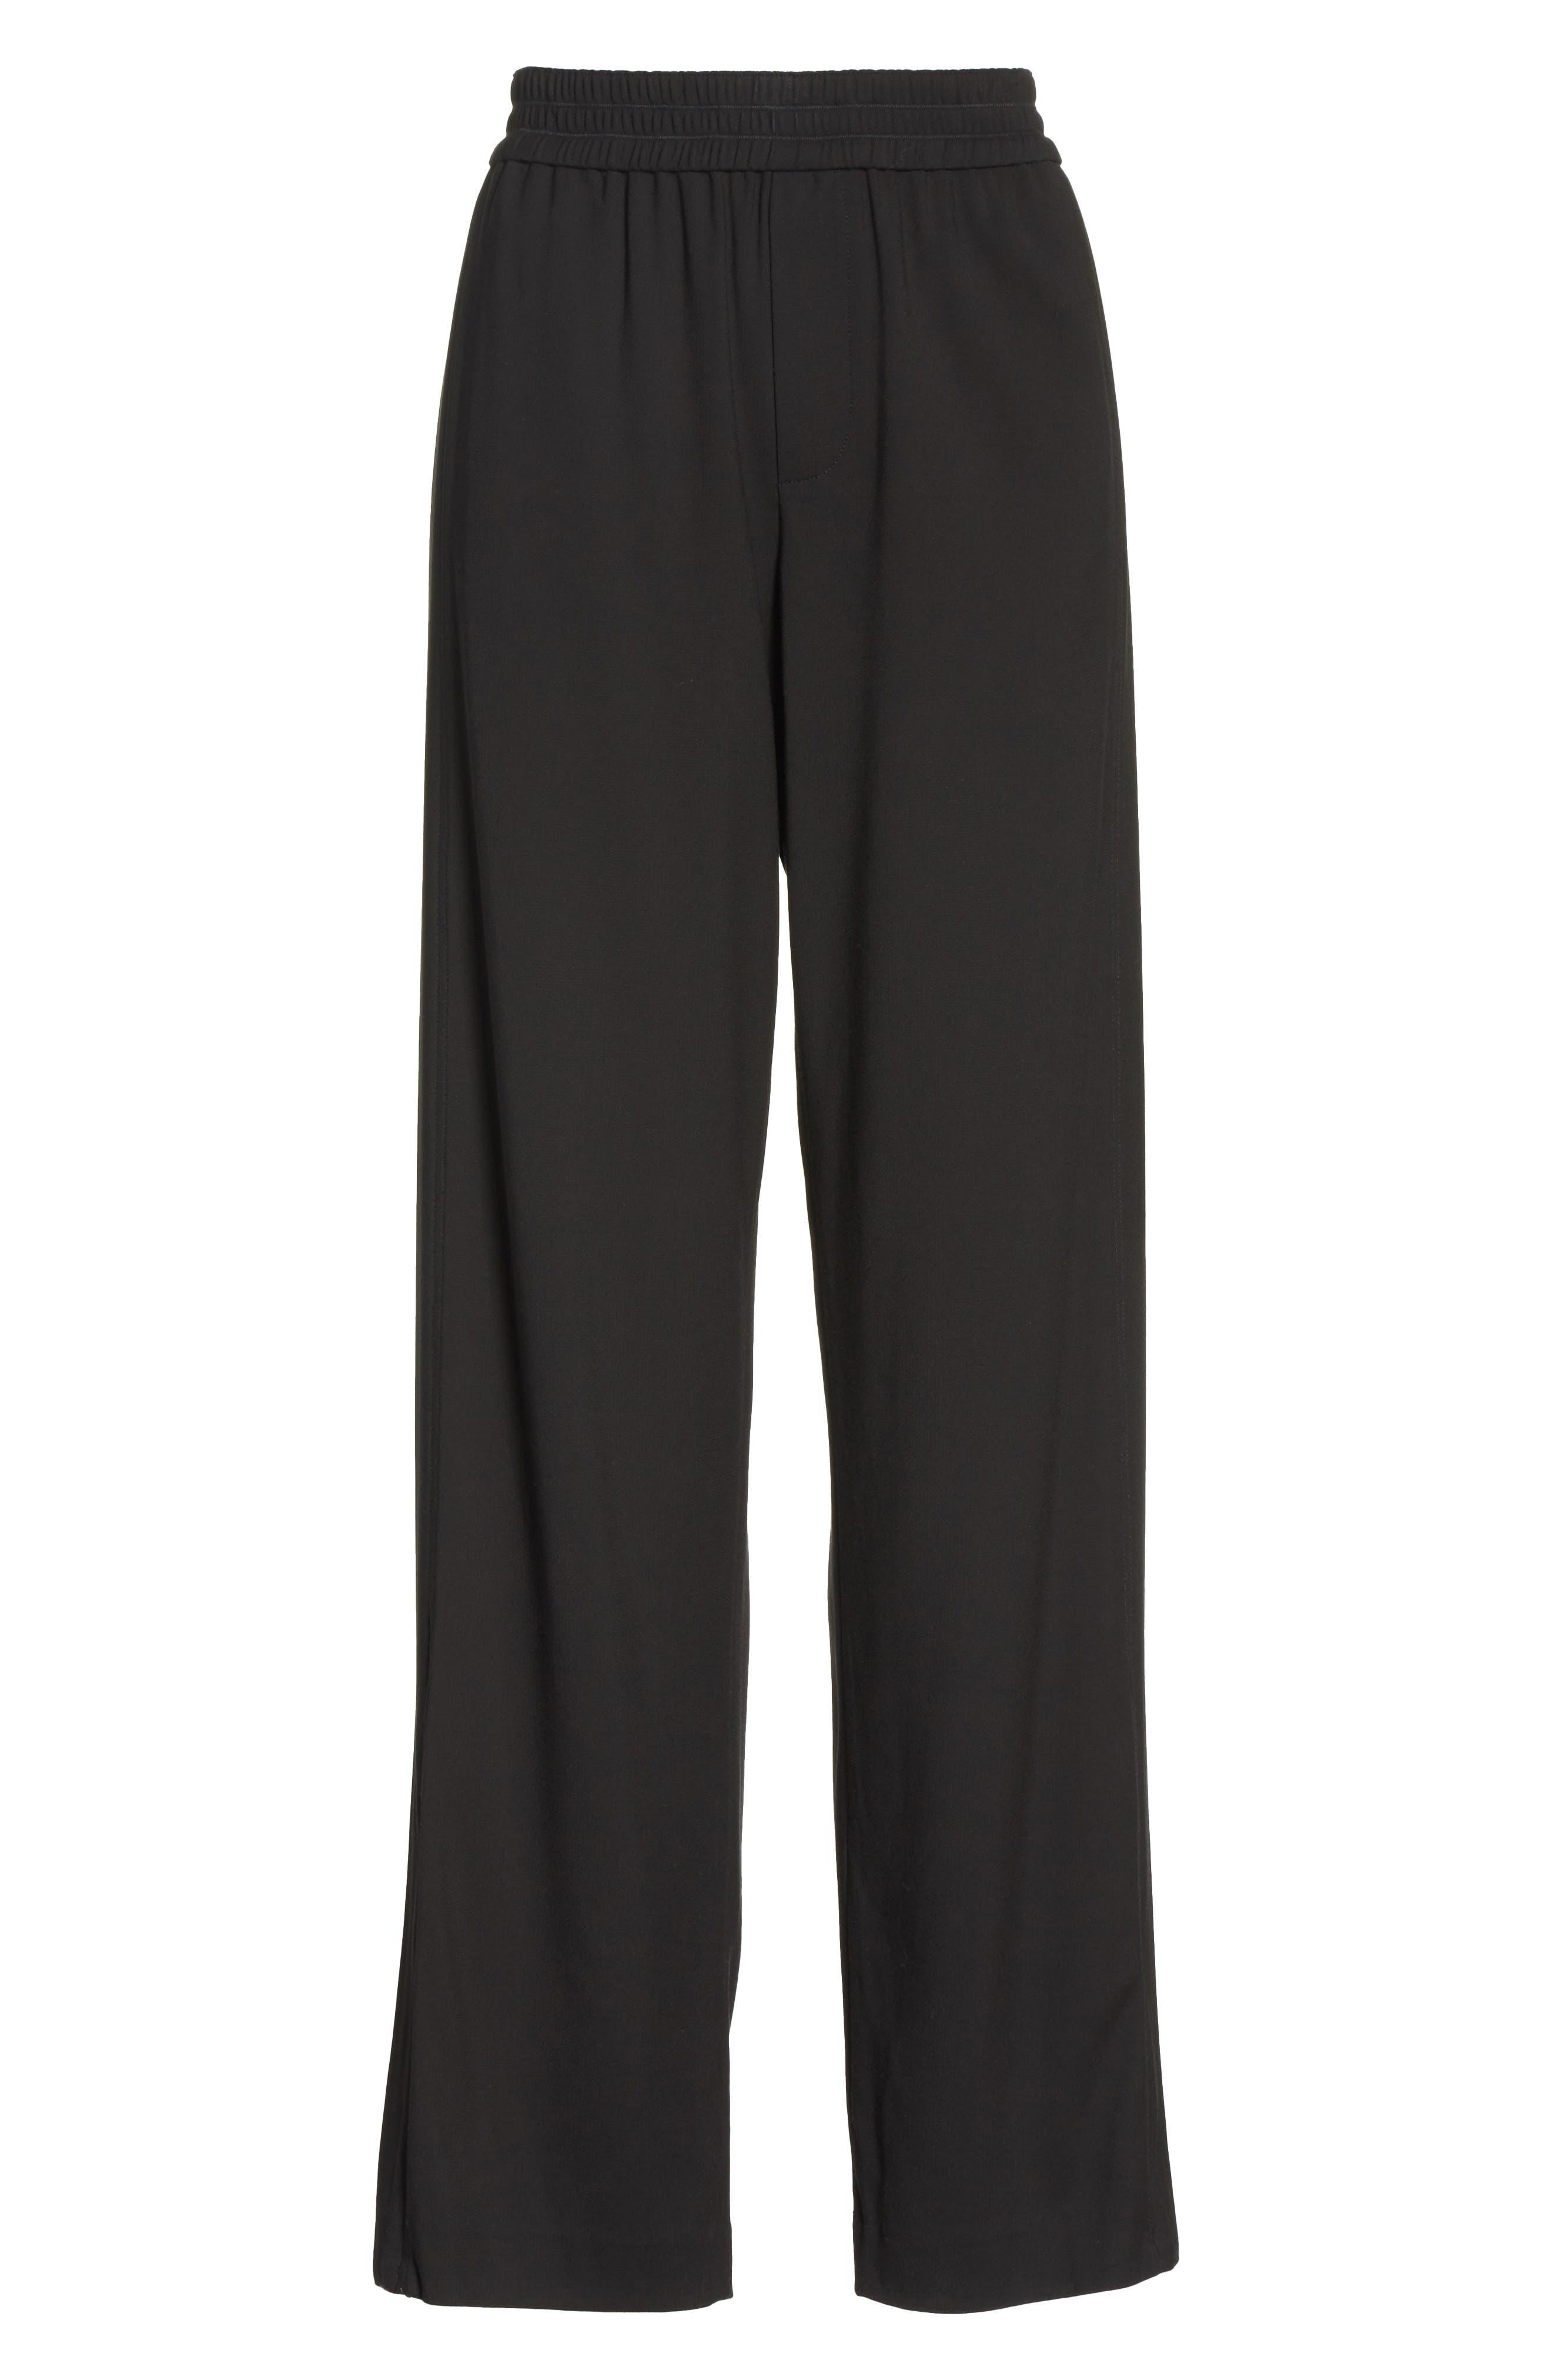 Ankle Zip Wide Leg Pants,                             Alternate thumbnail 6, color,                             Black